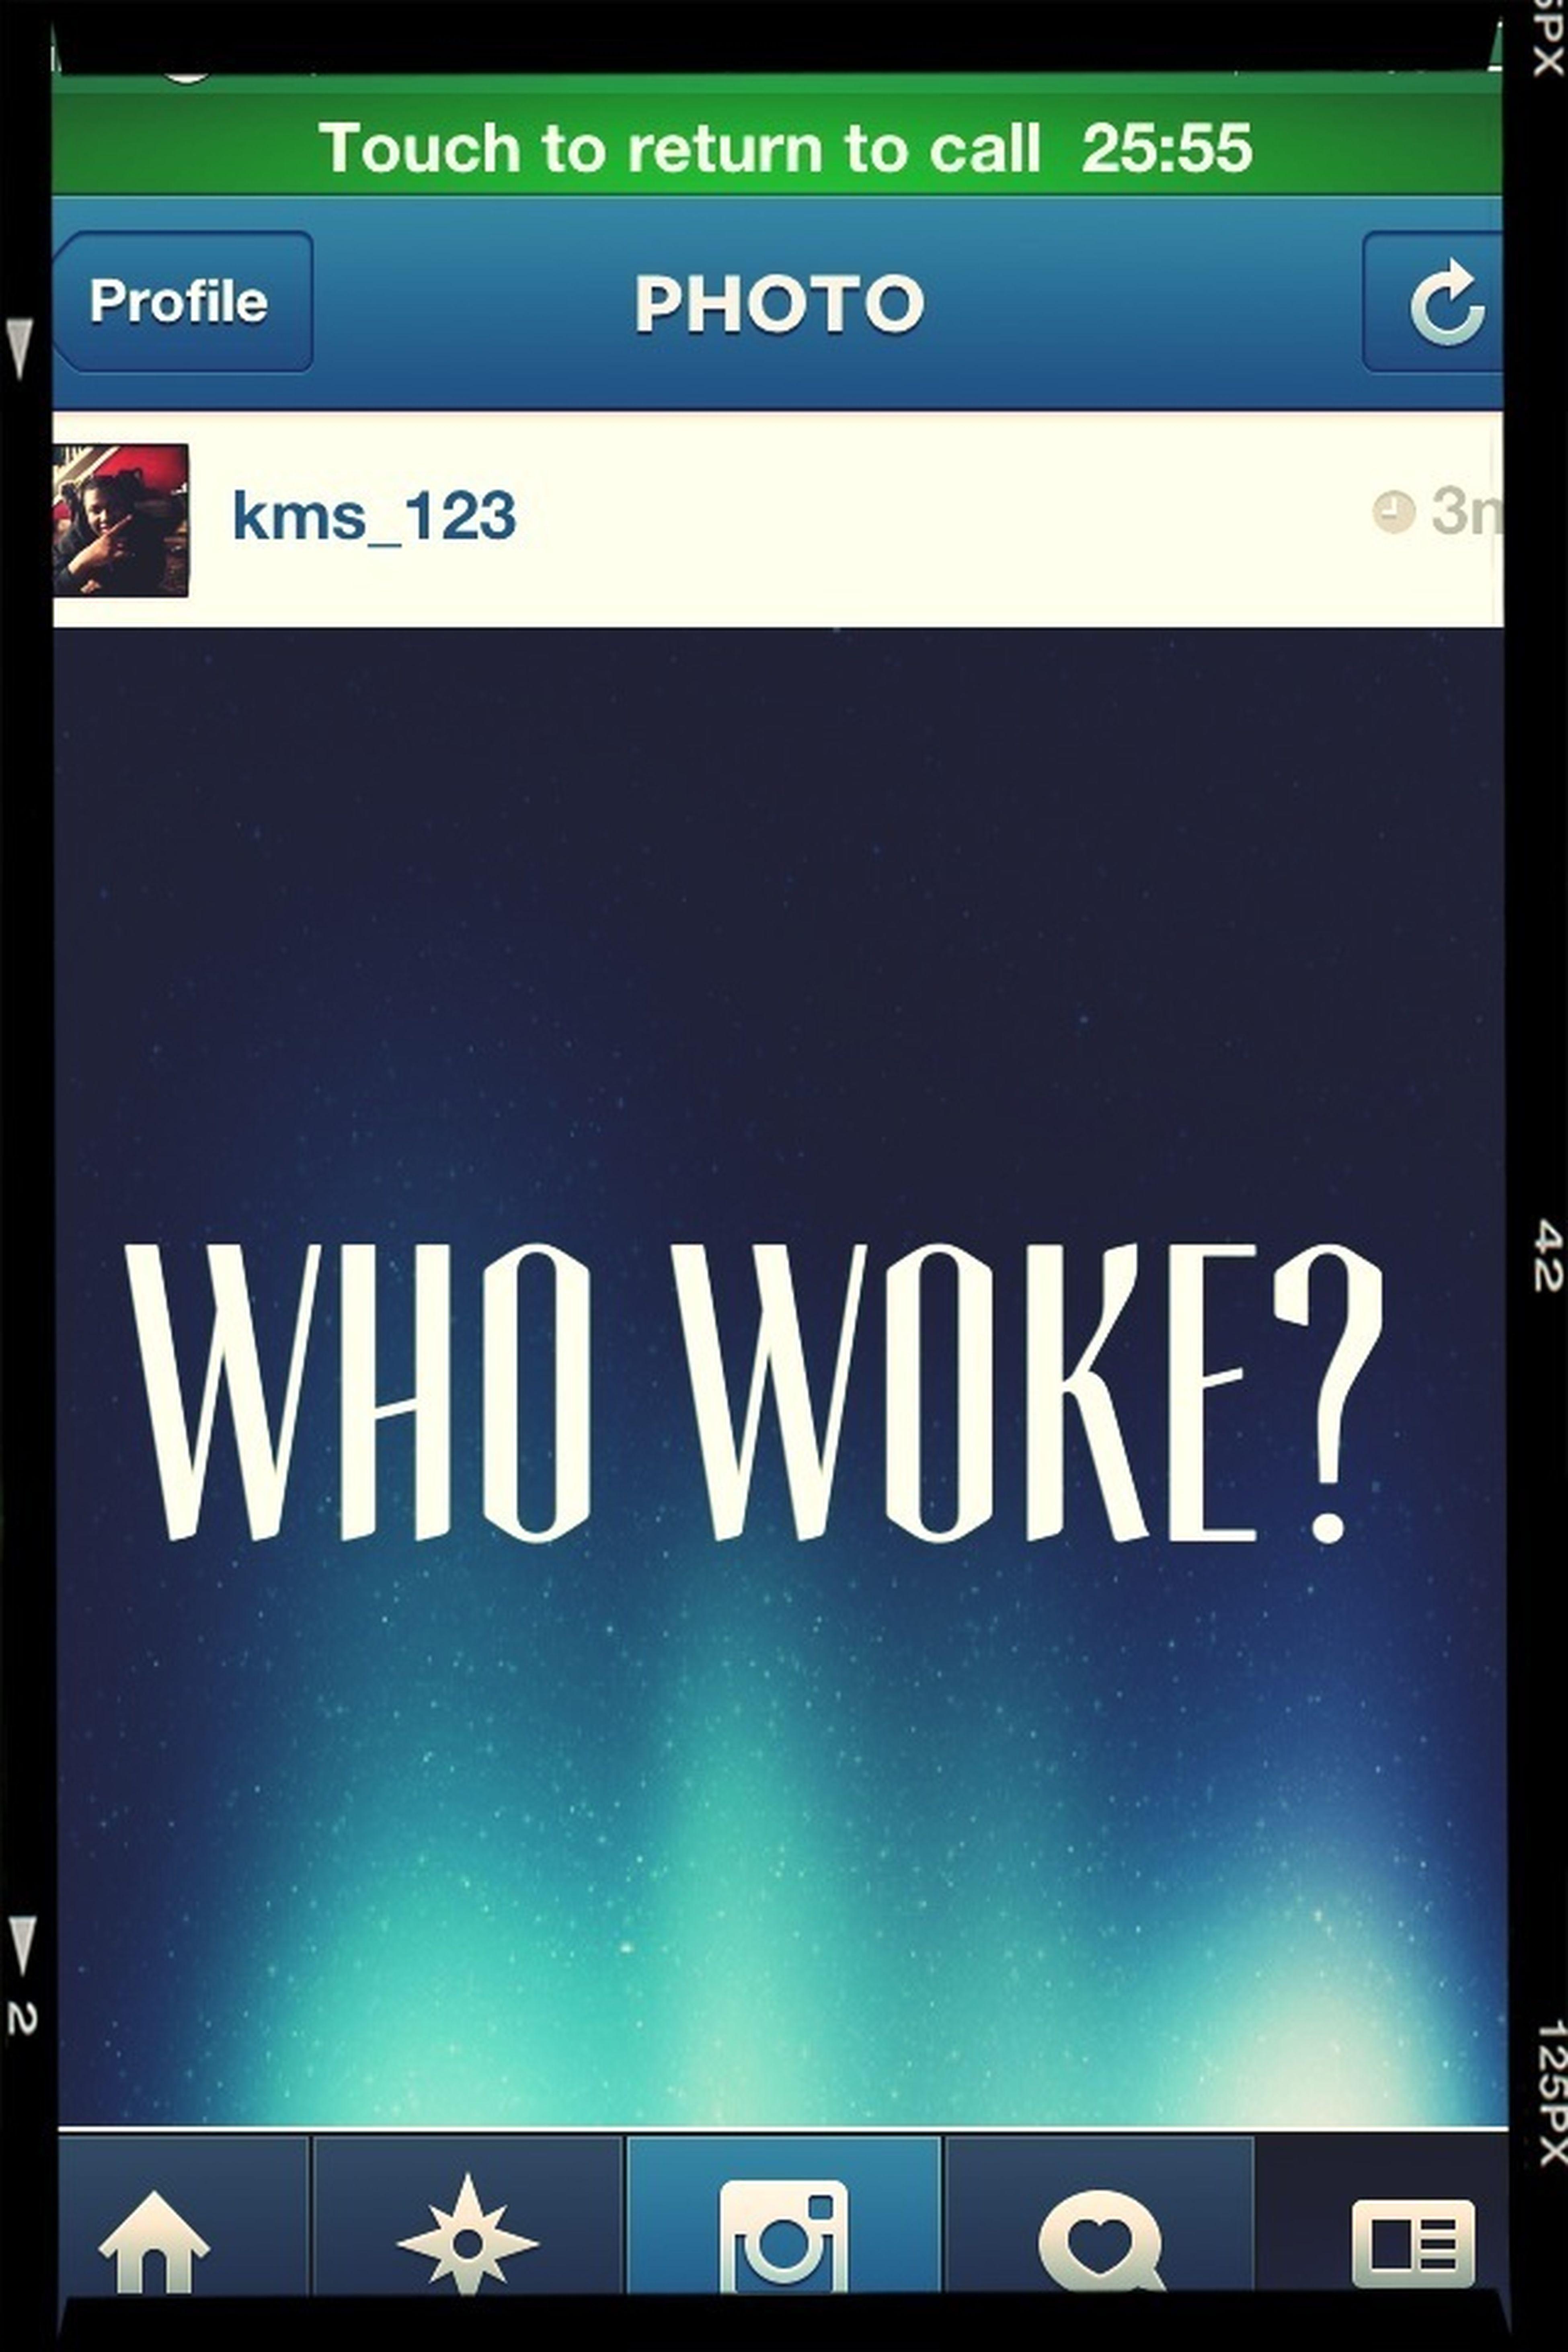 Who Woke?